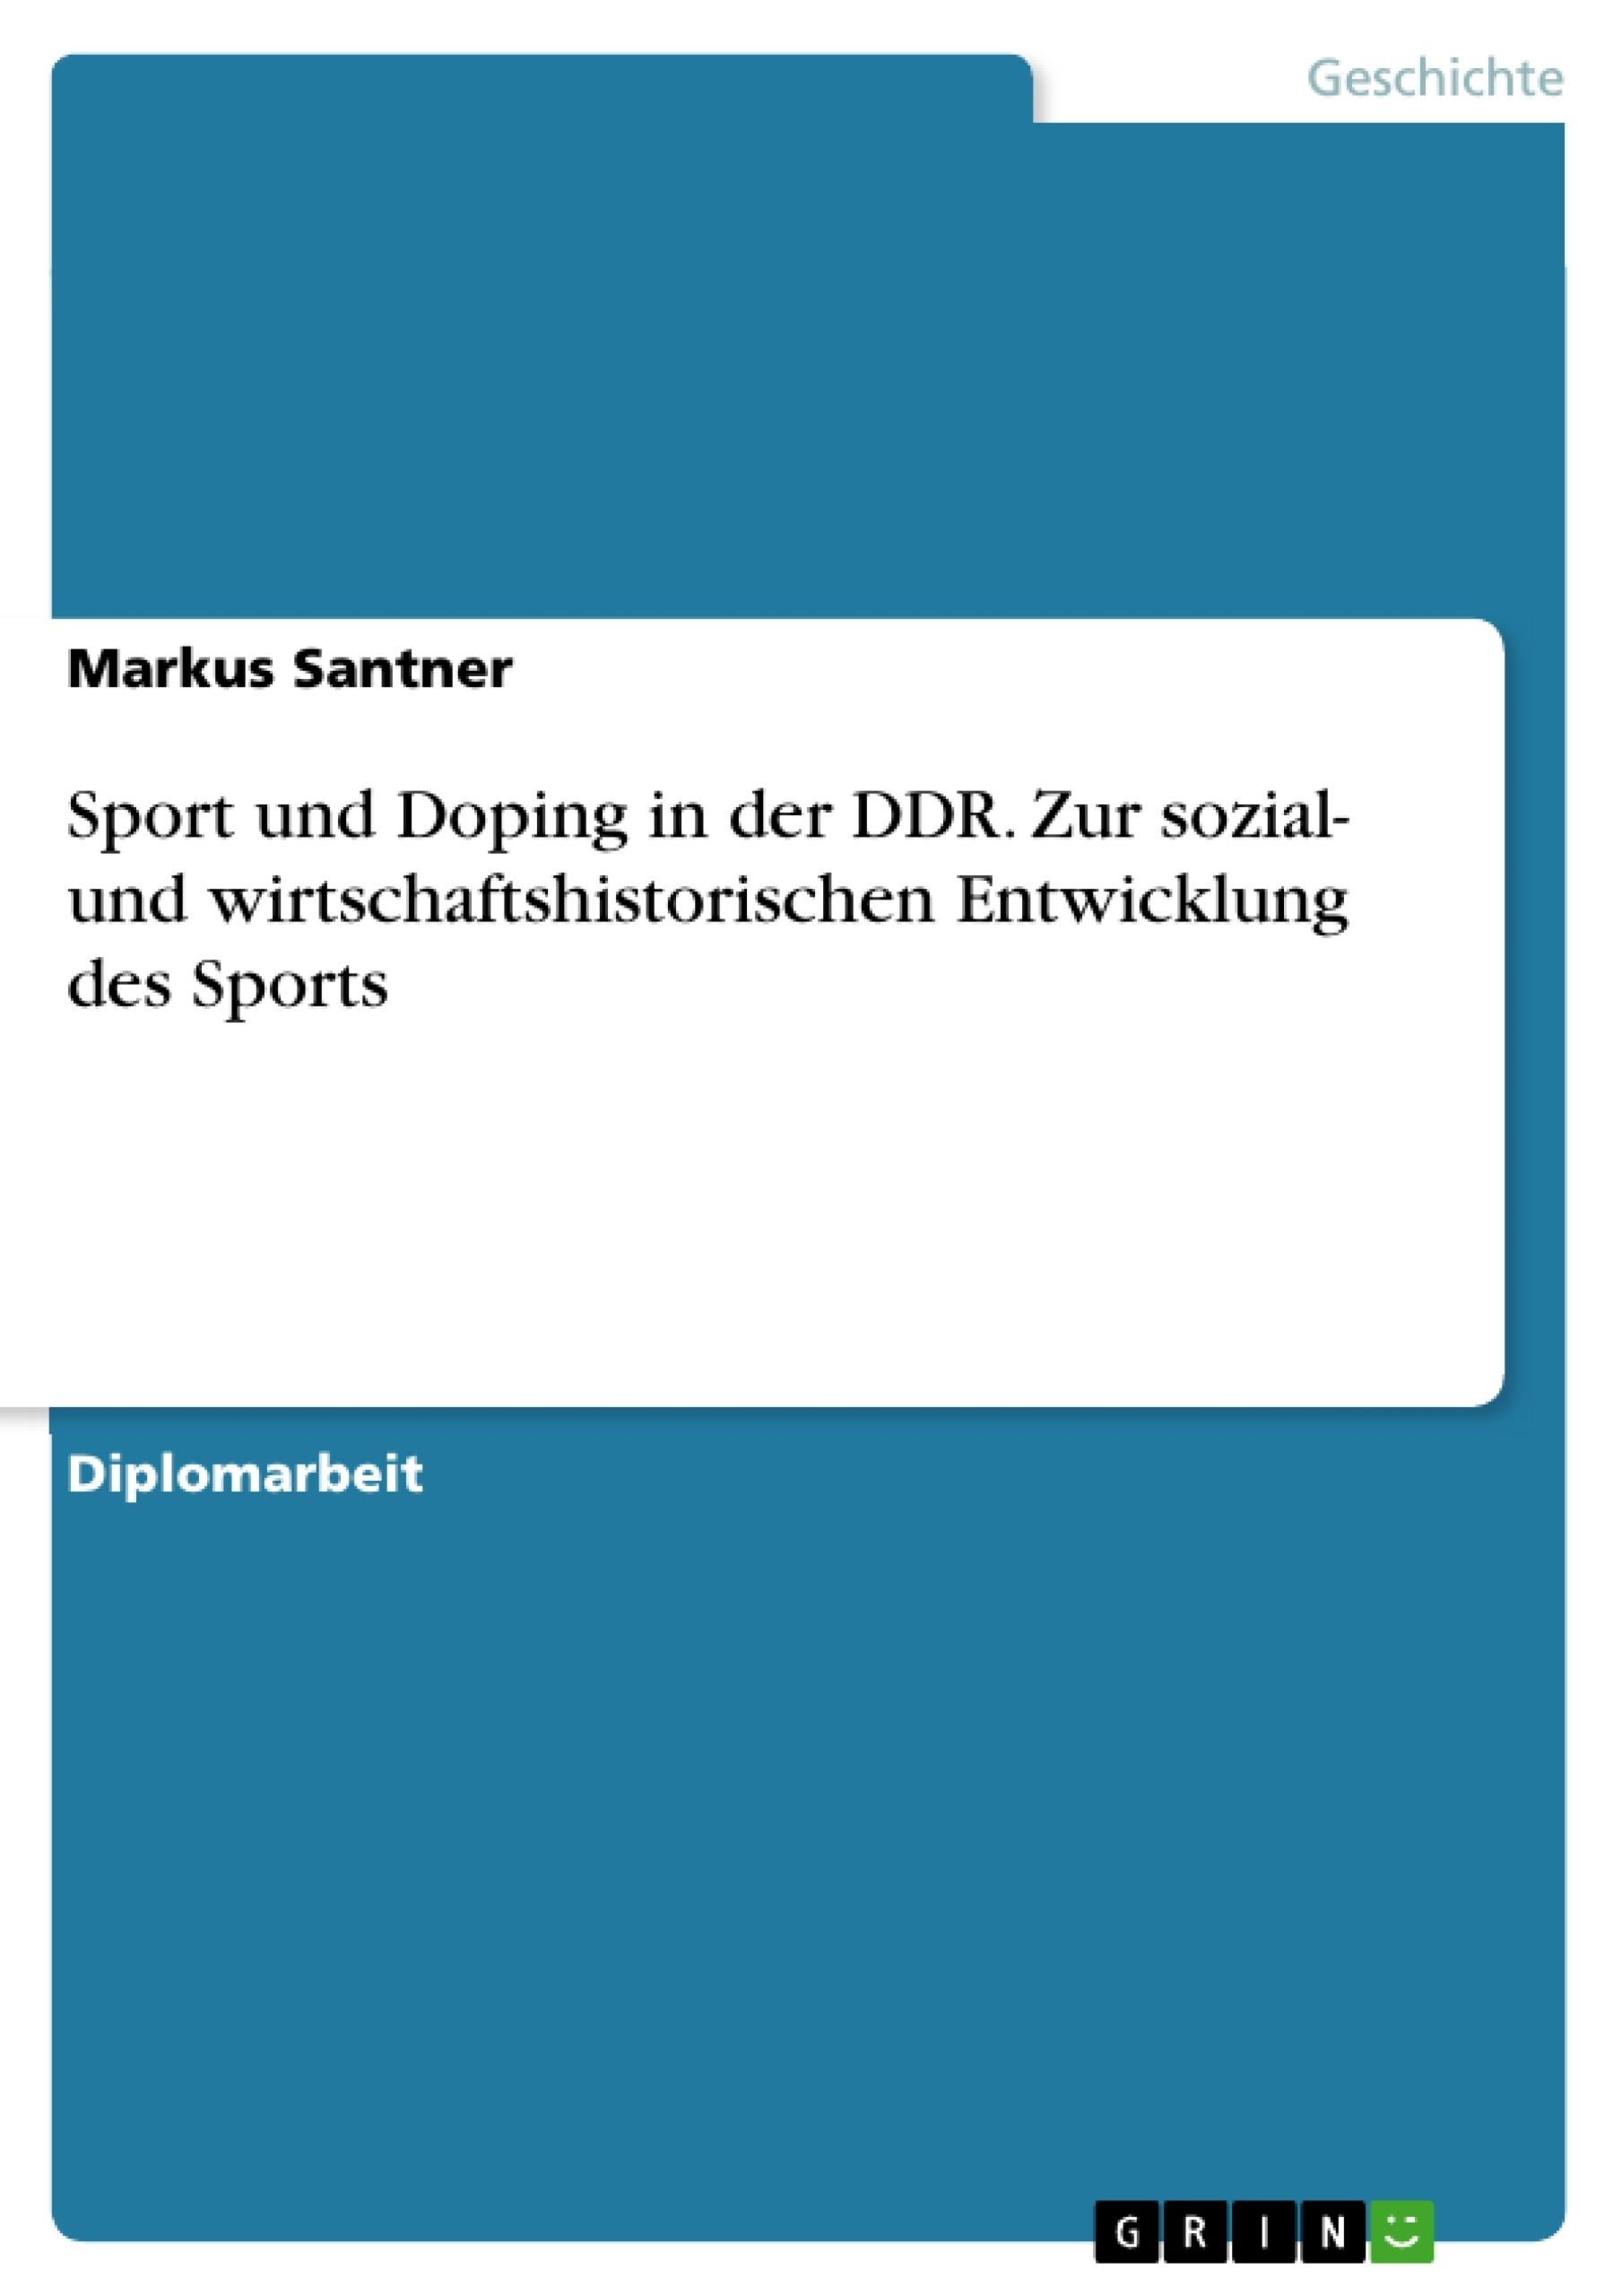 Titel: Sport und Doping in der DDR. Zur sozial- und wirtschaftshistorischen Entwicklung des Sports